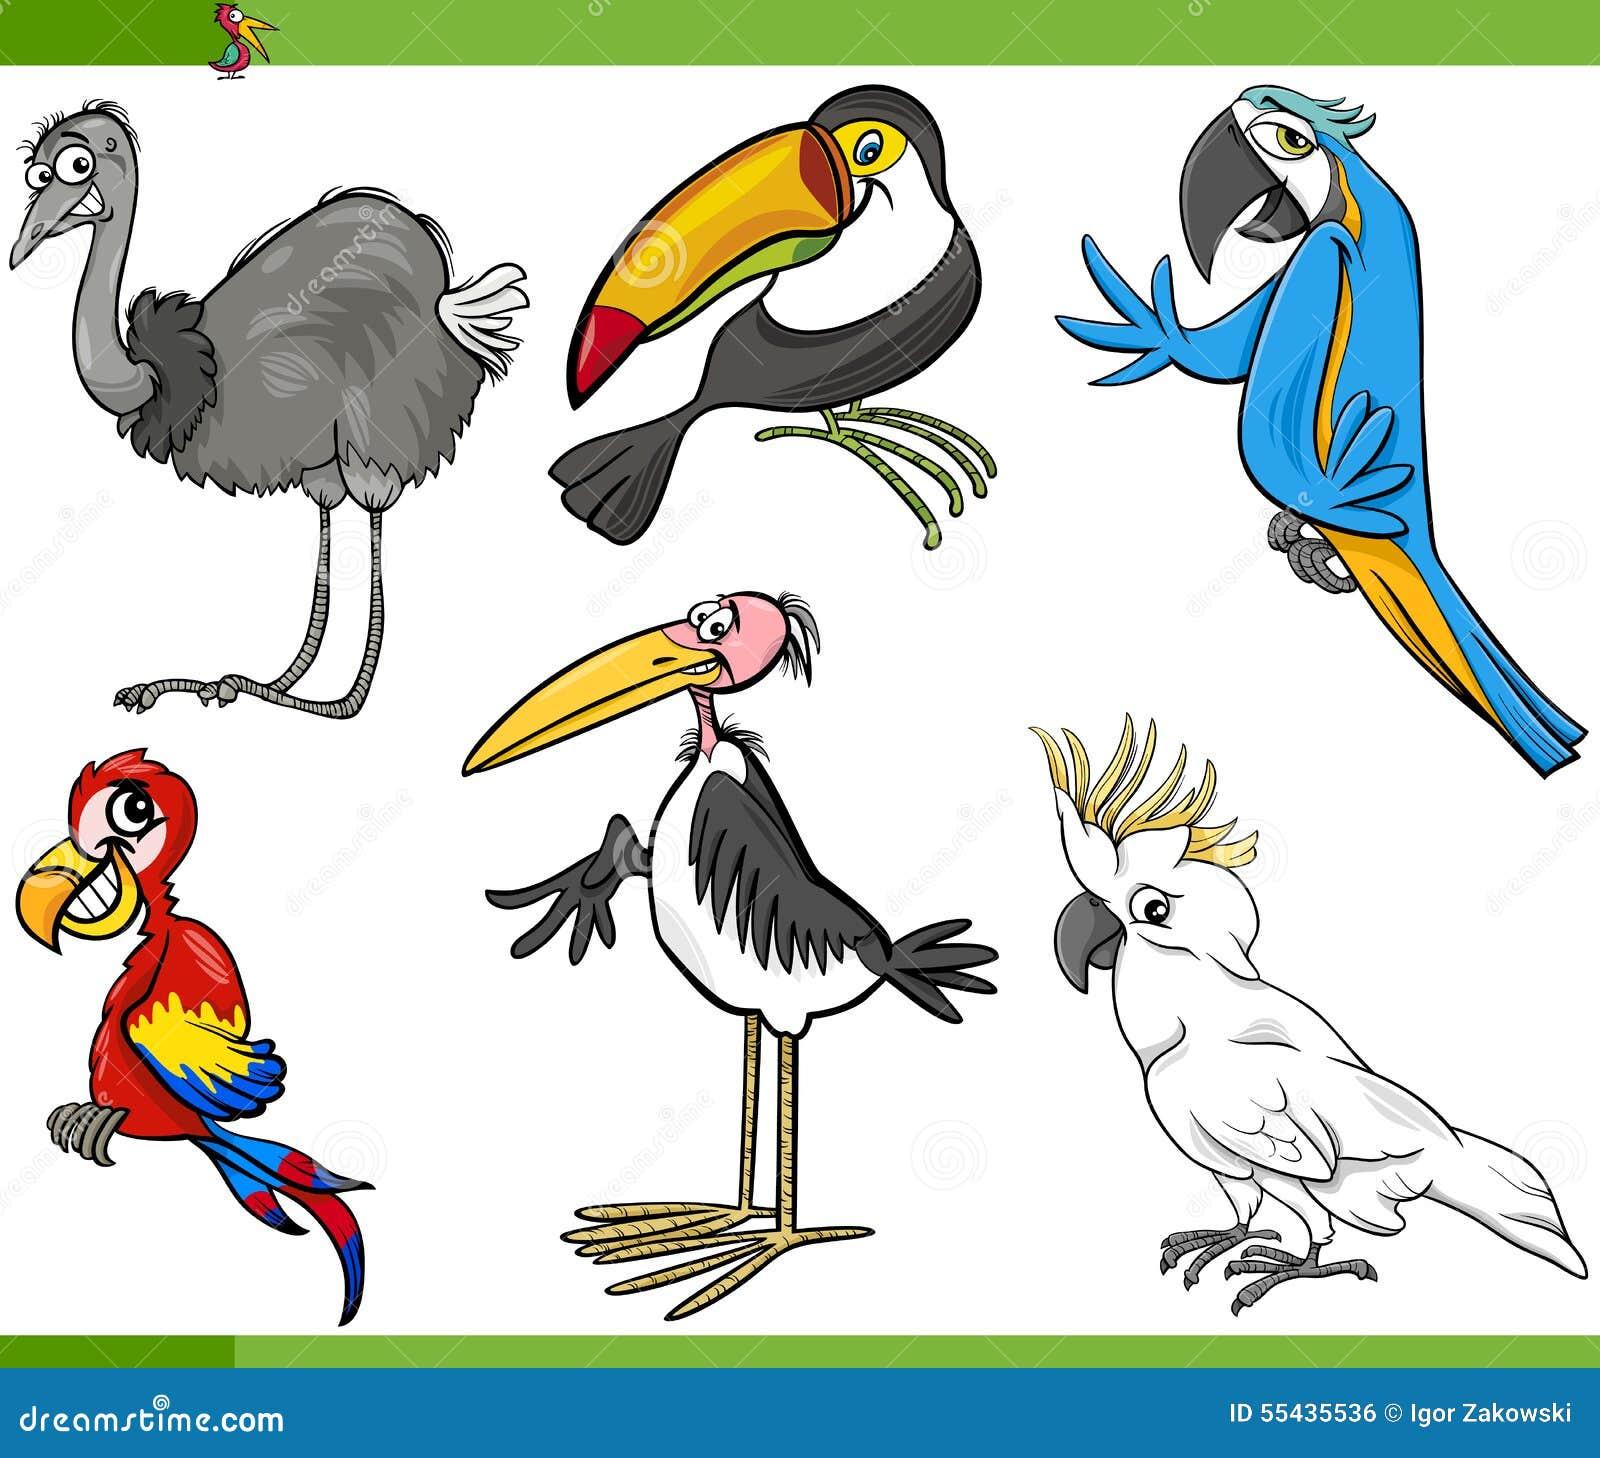 Cartoon birds collection set vector